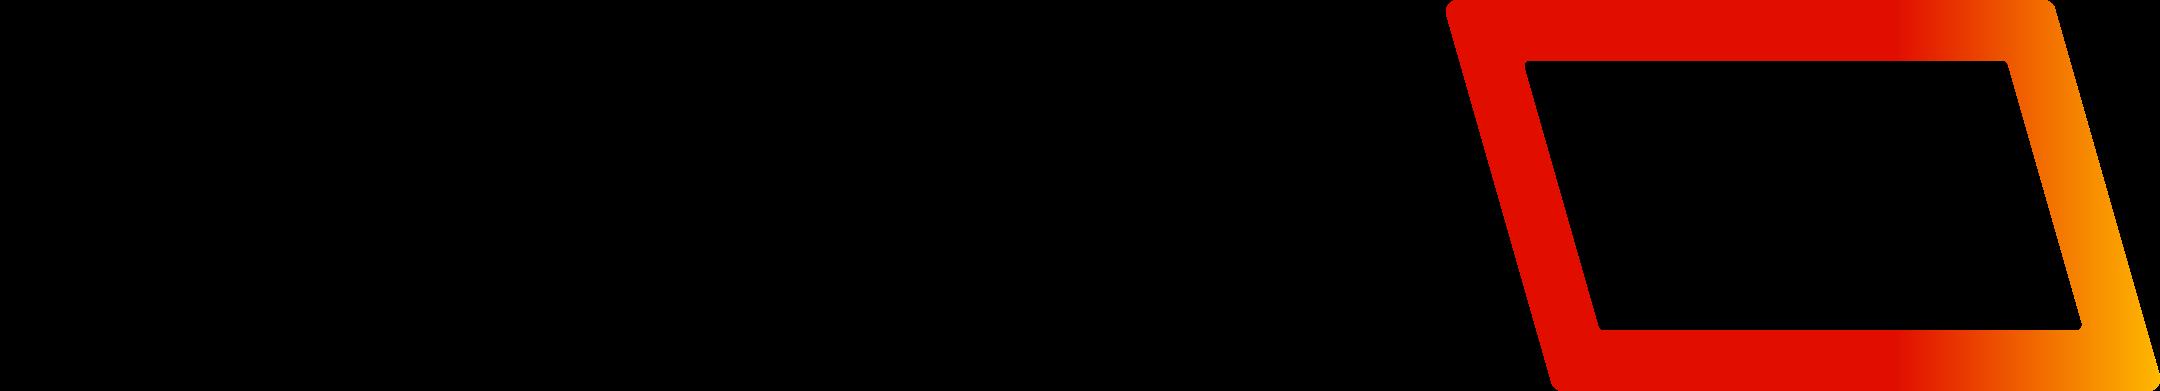 direct log logo 1 - Direct Log Logo